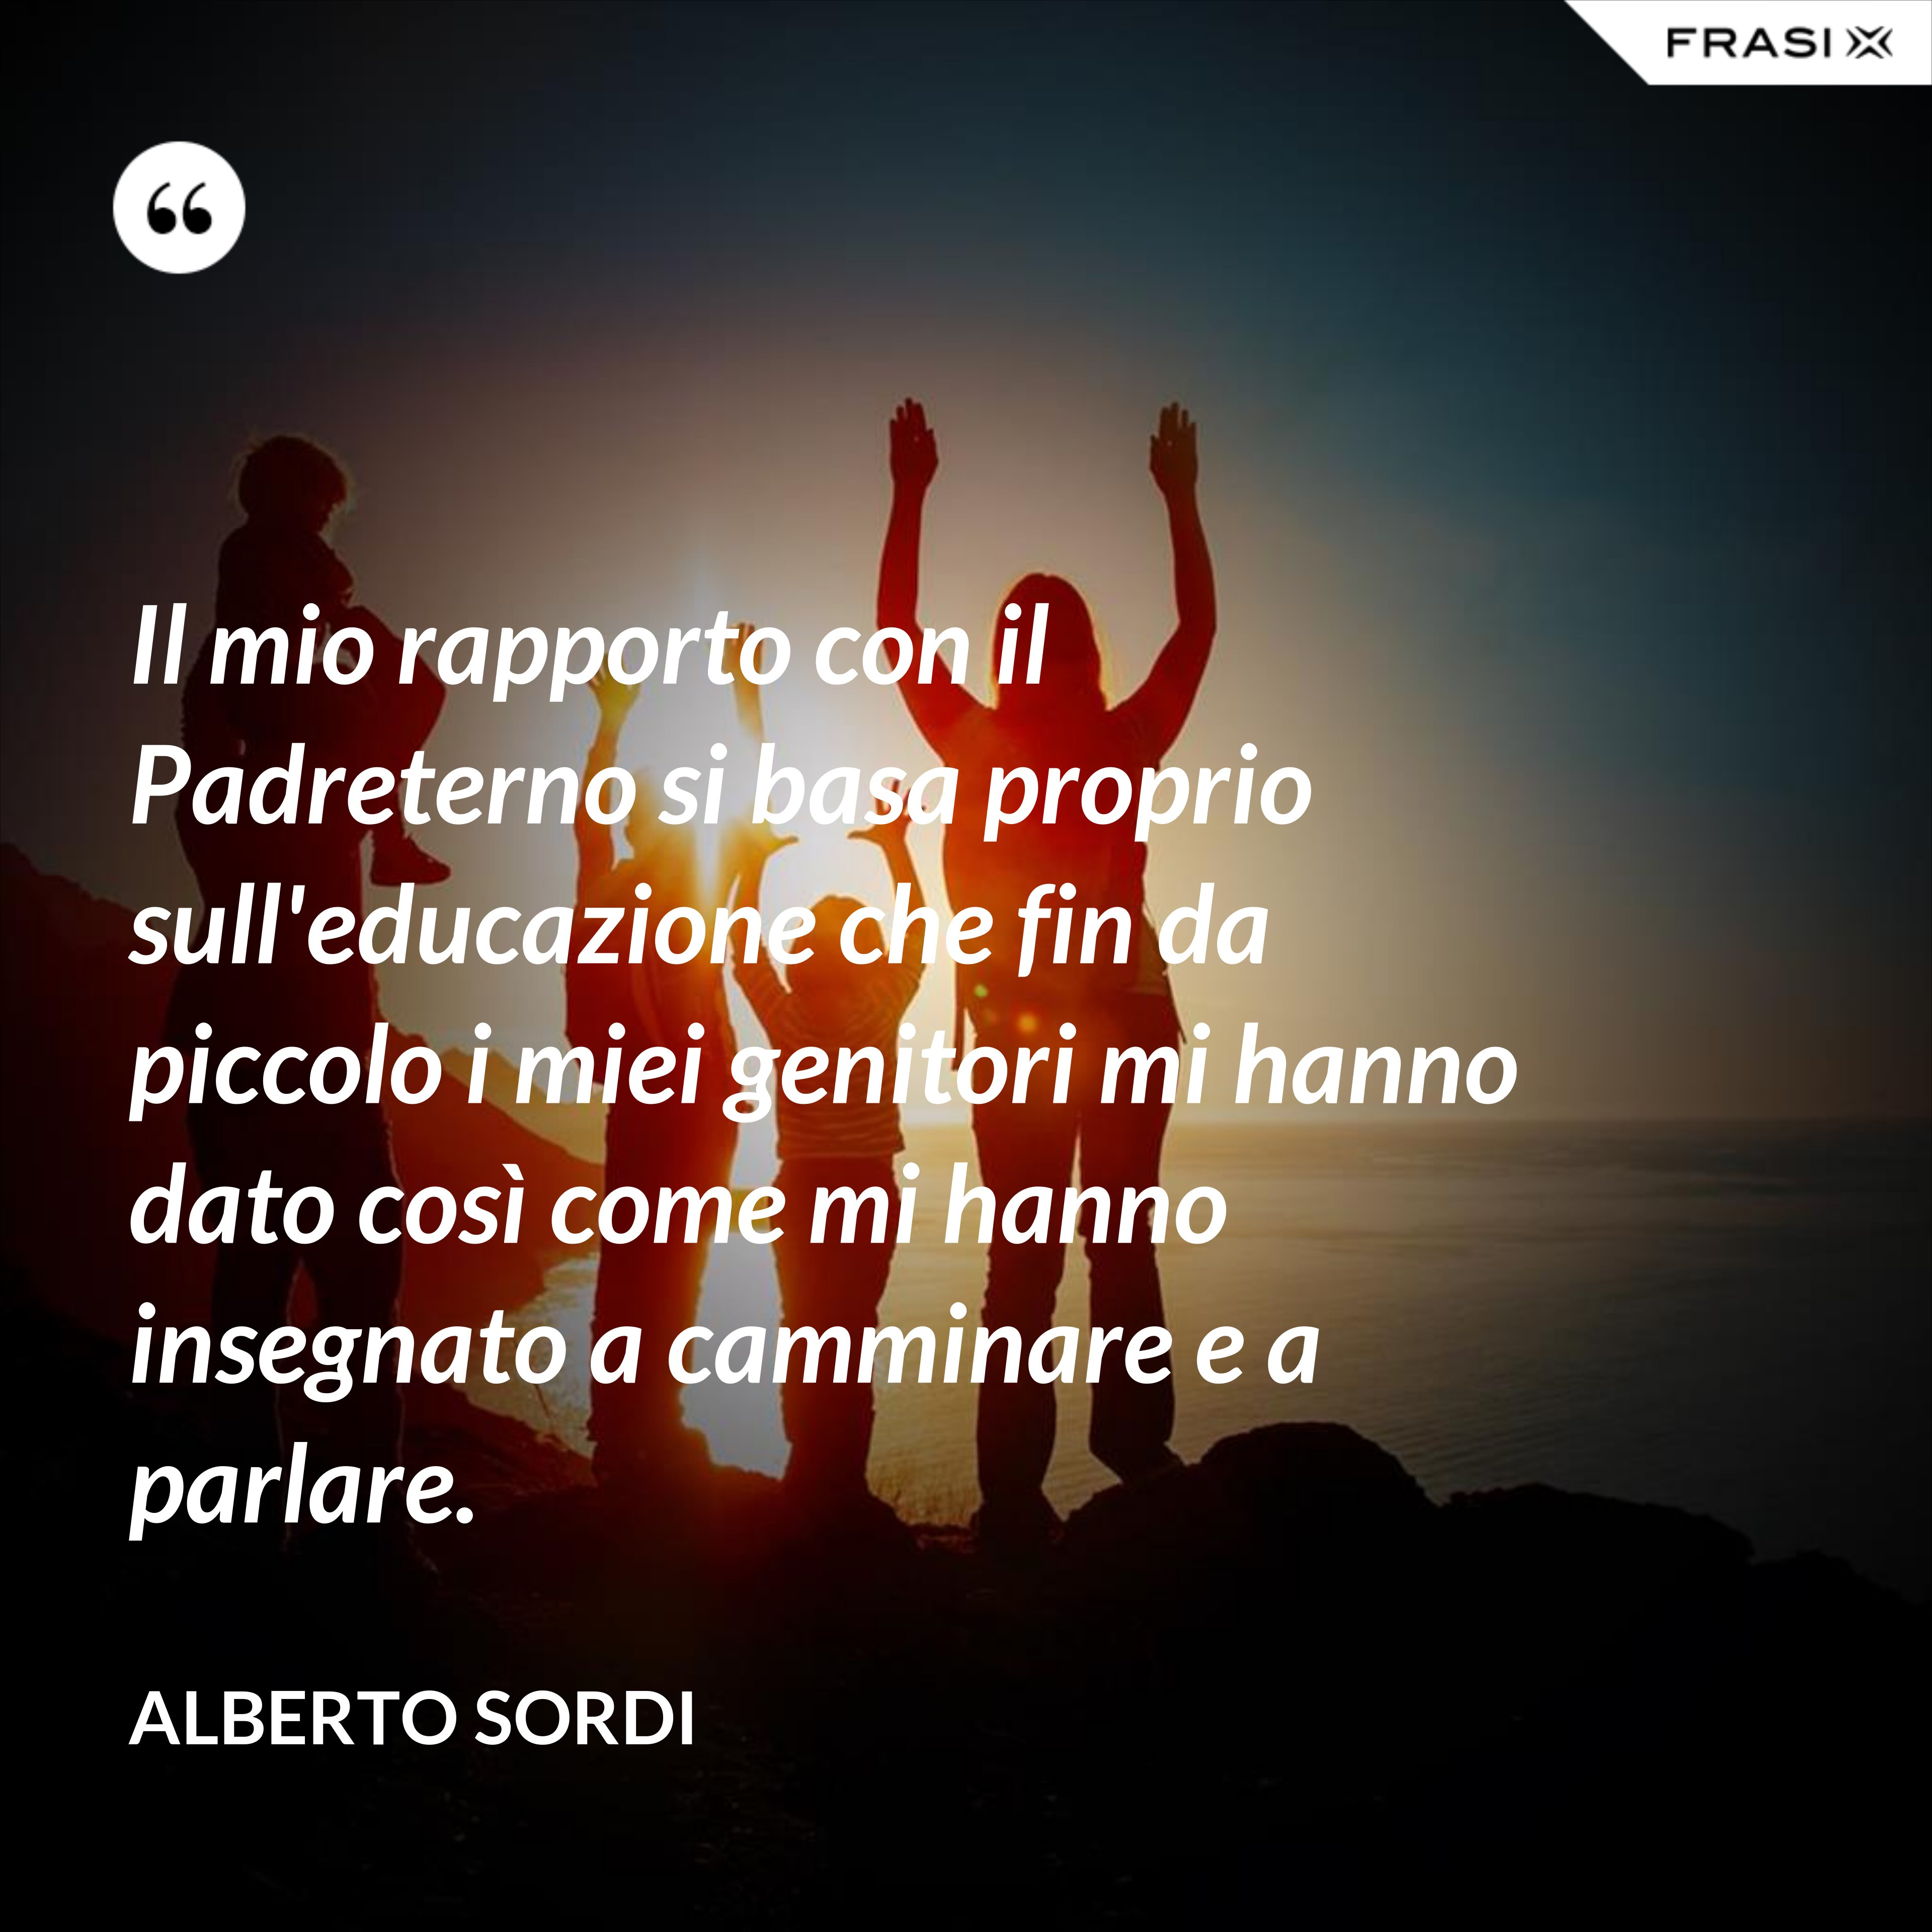 Il mio rapporto con il Padreterno si basa proprio sull'educazione che fin da piccolo i miei genitori mi hanno dato così come mi hanno insegnato a camminare e a parlare. - Alberto Sordi